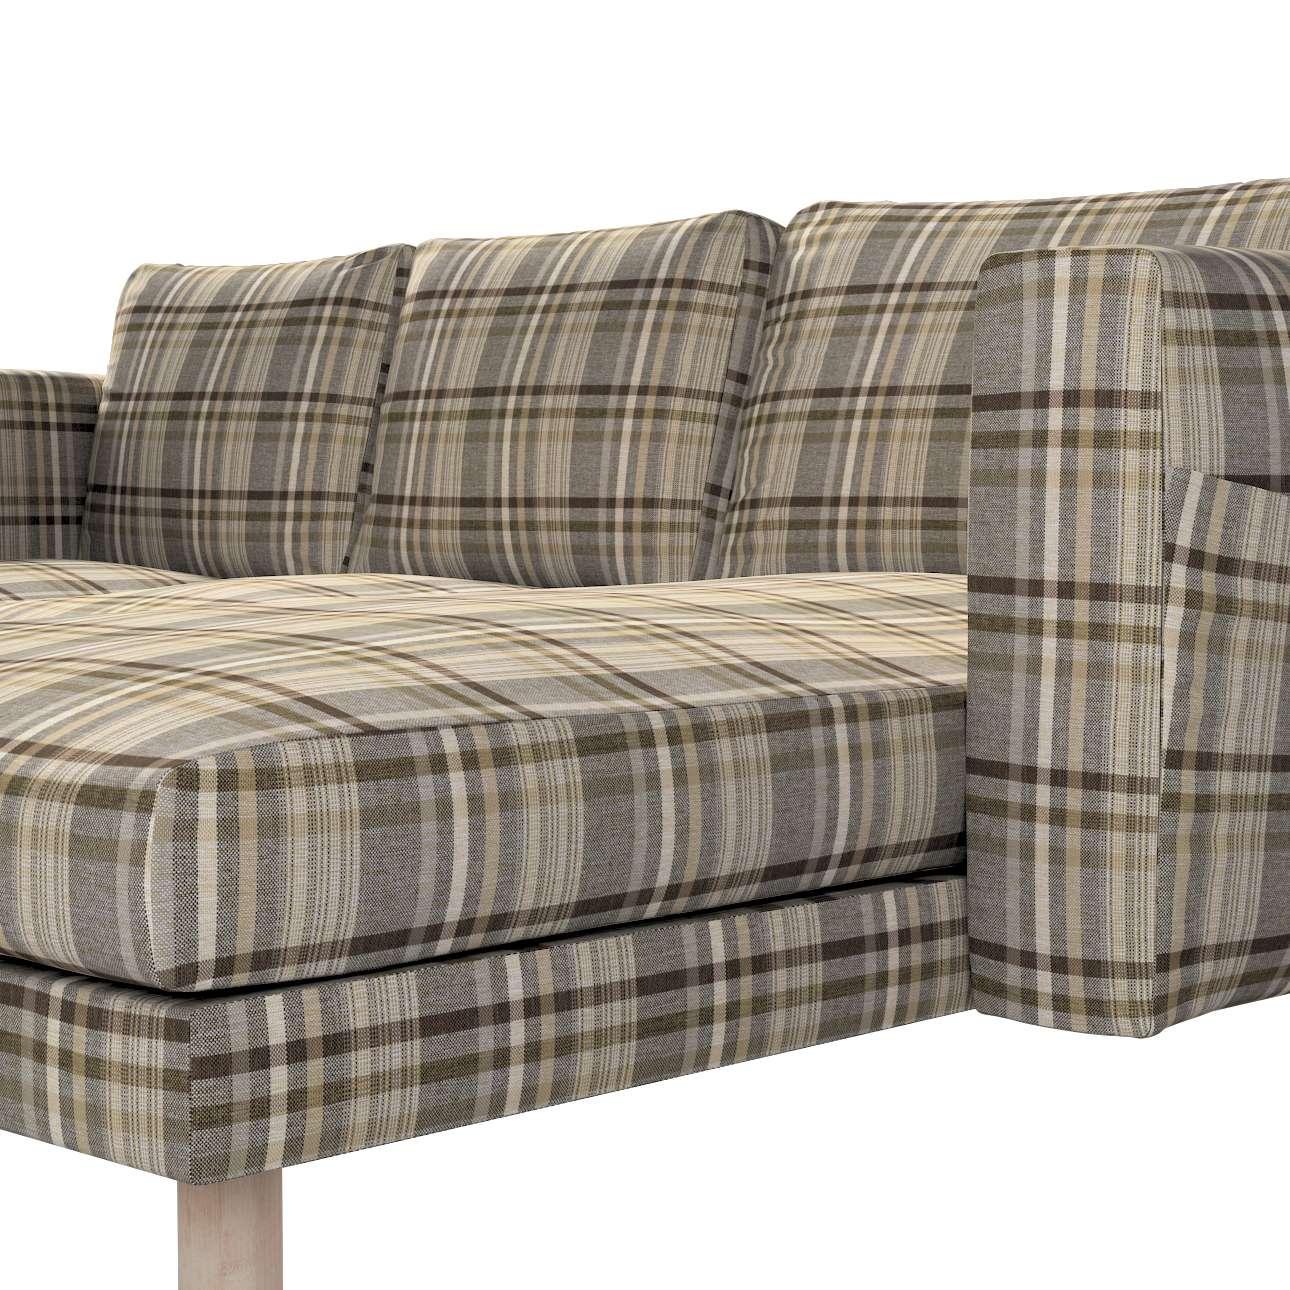 Pokrowiec na sofę Norsborg 3-osobową z szezlongiem w kolekcji Edinburgh, tkanina: 703-17